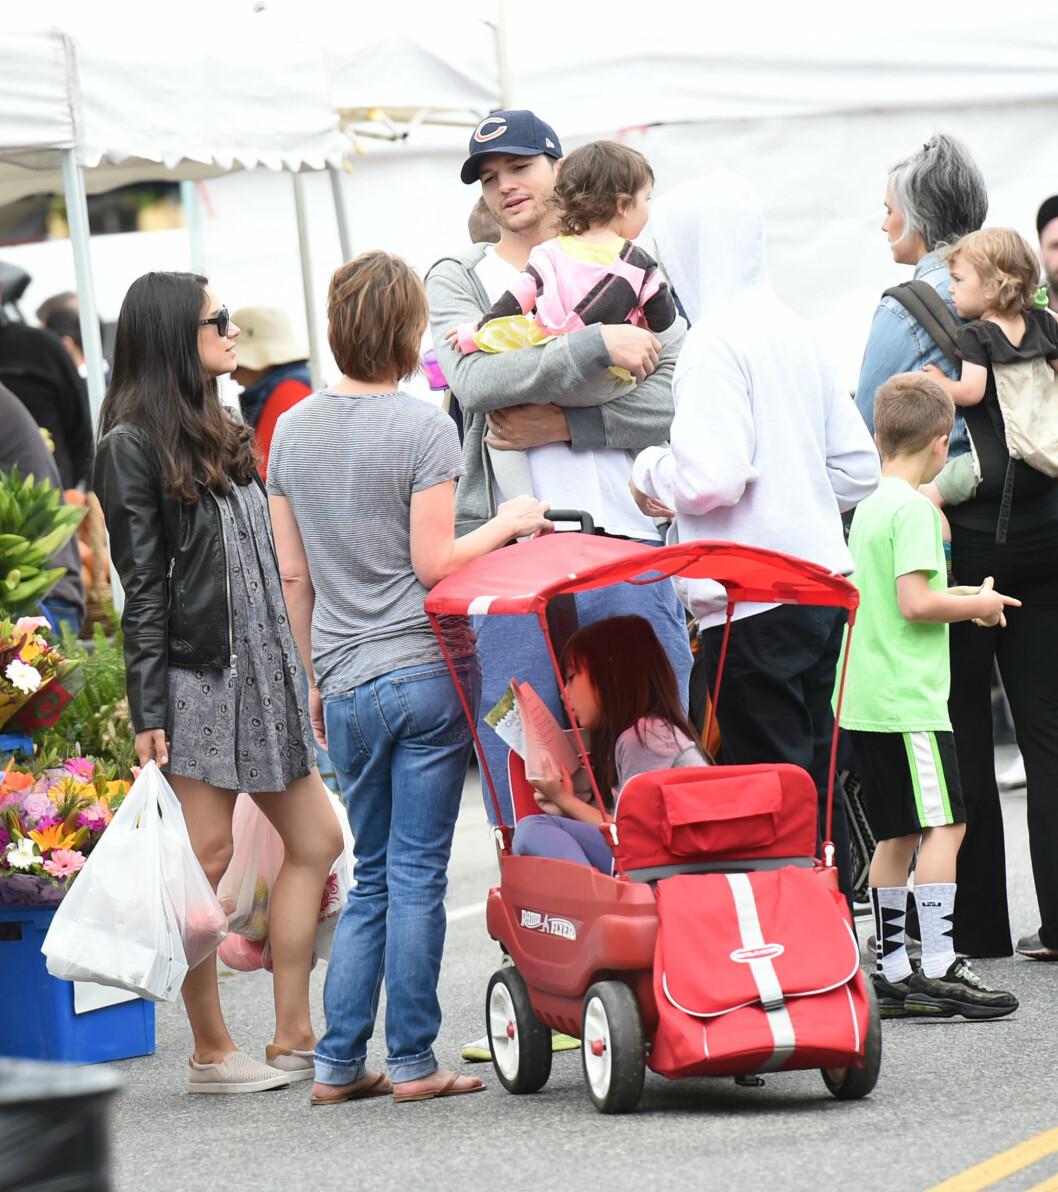 LEVER DET GODE FAMILIELIV: Ashton Kutcher og Mila Kunis lever det gode liv med datteren Wyatt. Nå venter de tvillinger. Foto: wenn.com